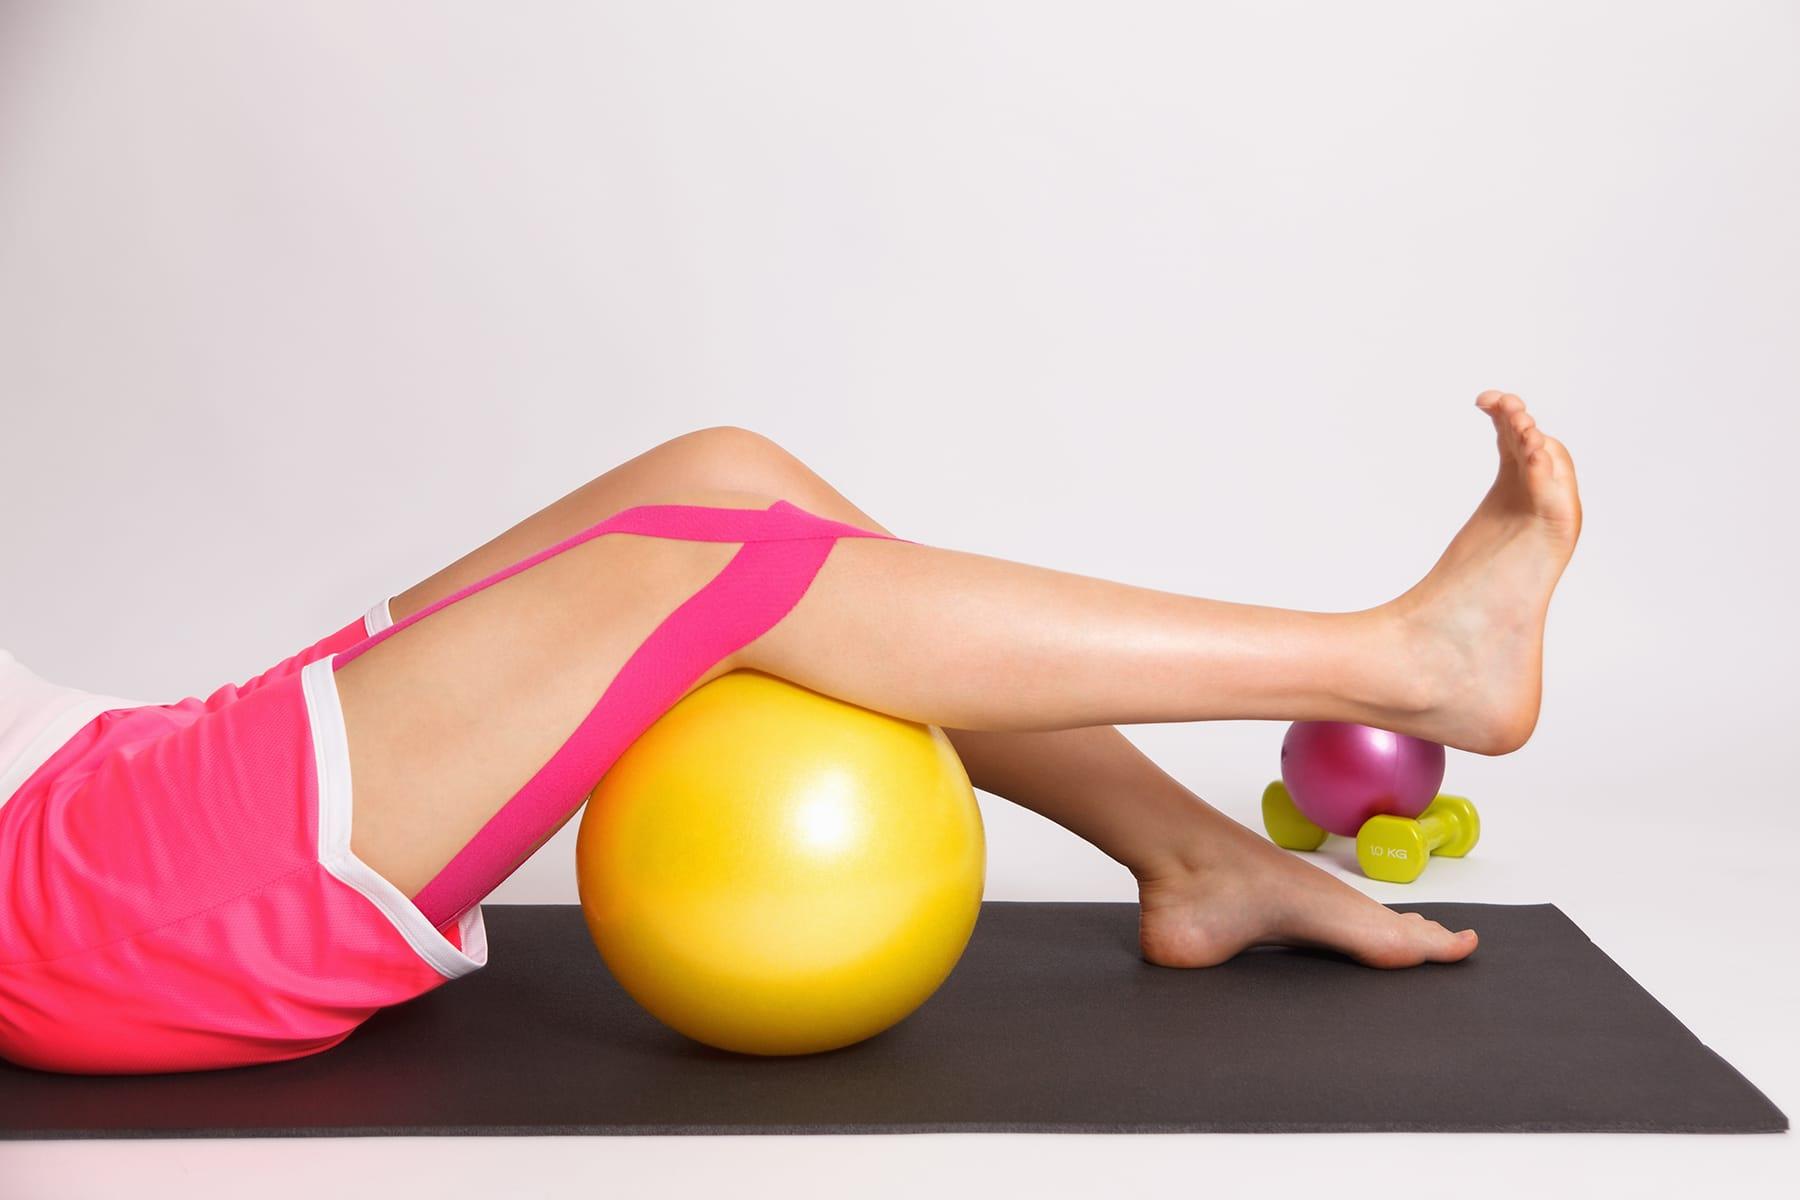 arthiritis exercise